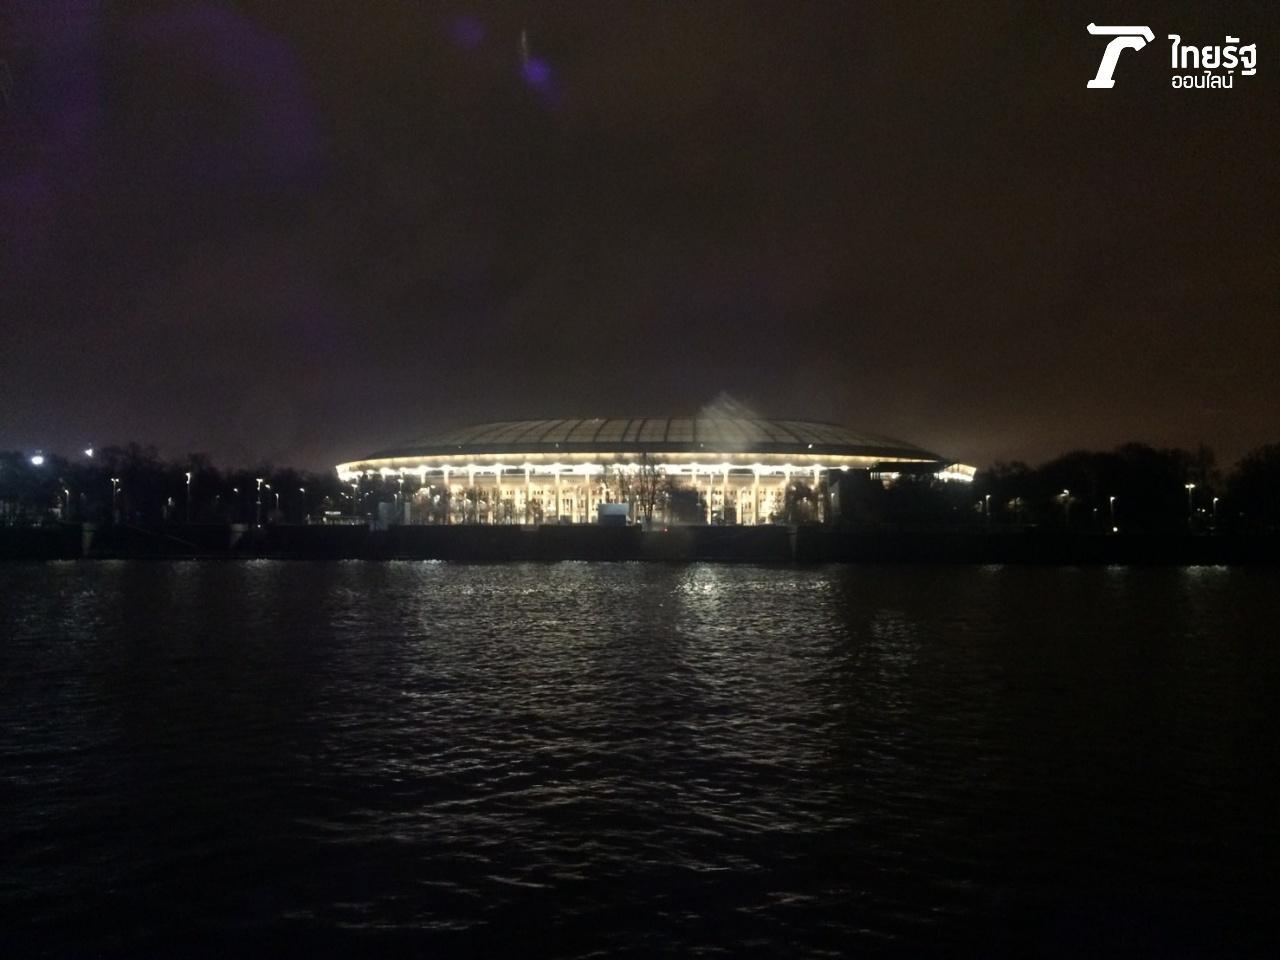 (ลุจนีกี ซึ่งในปี 2018 จะใช้เป็นสถานที่แข่งขันบอลโลกรอบชิงชนะเลิศ)